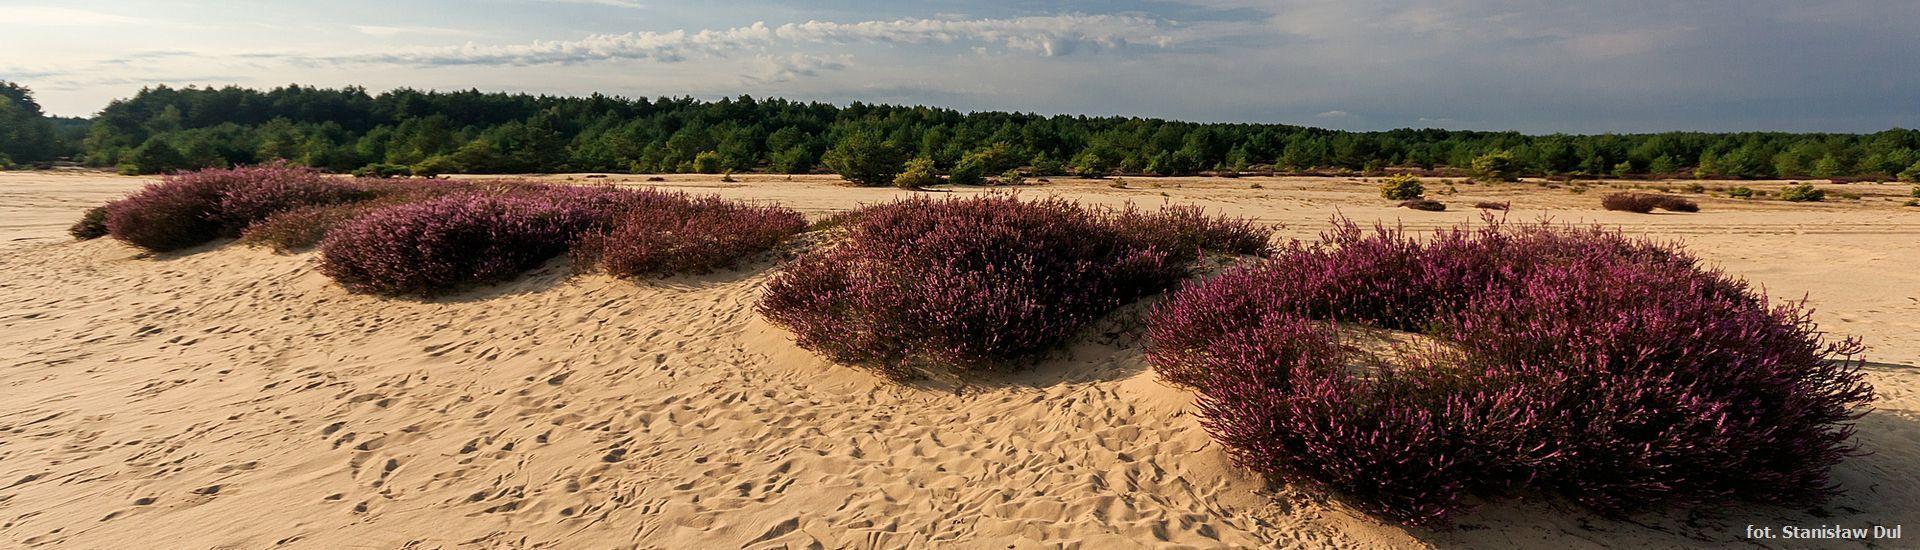 W pustyni i w puszczy